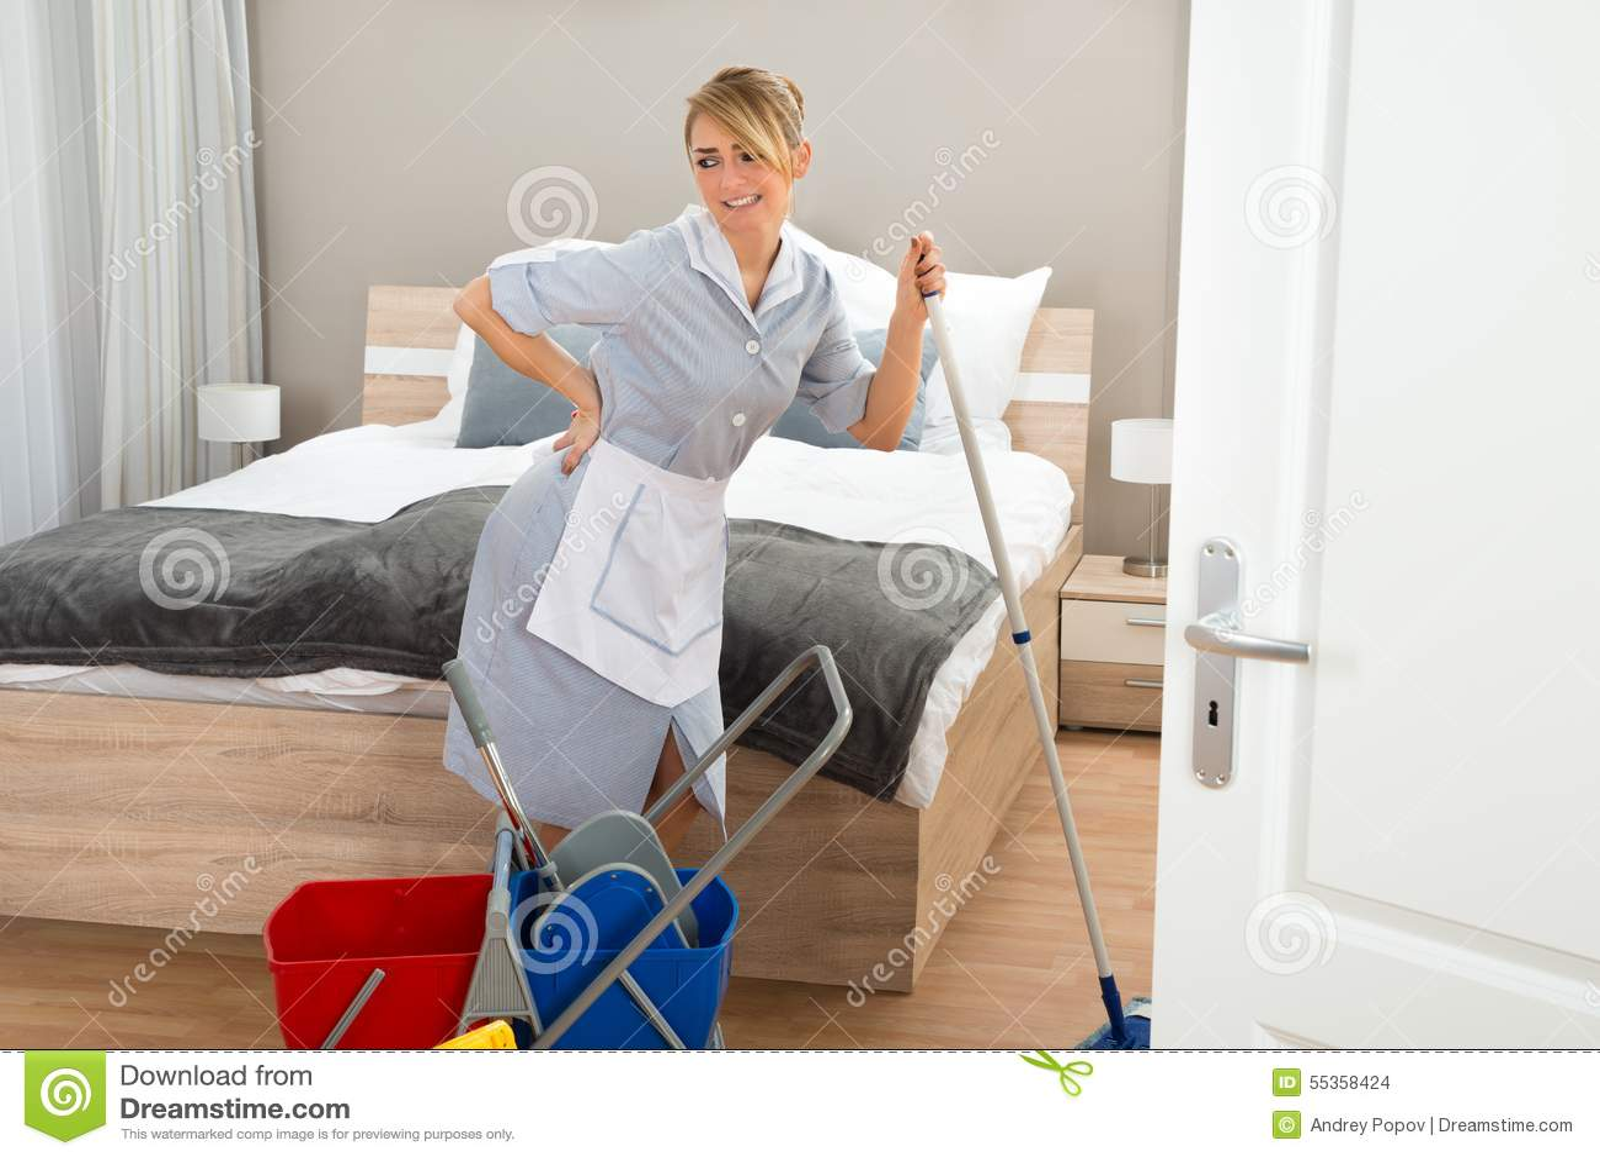 Domestica che soffre dal mal di schiena mentre pulendo camera di albergo